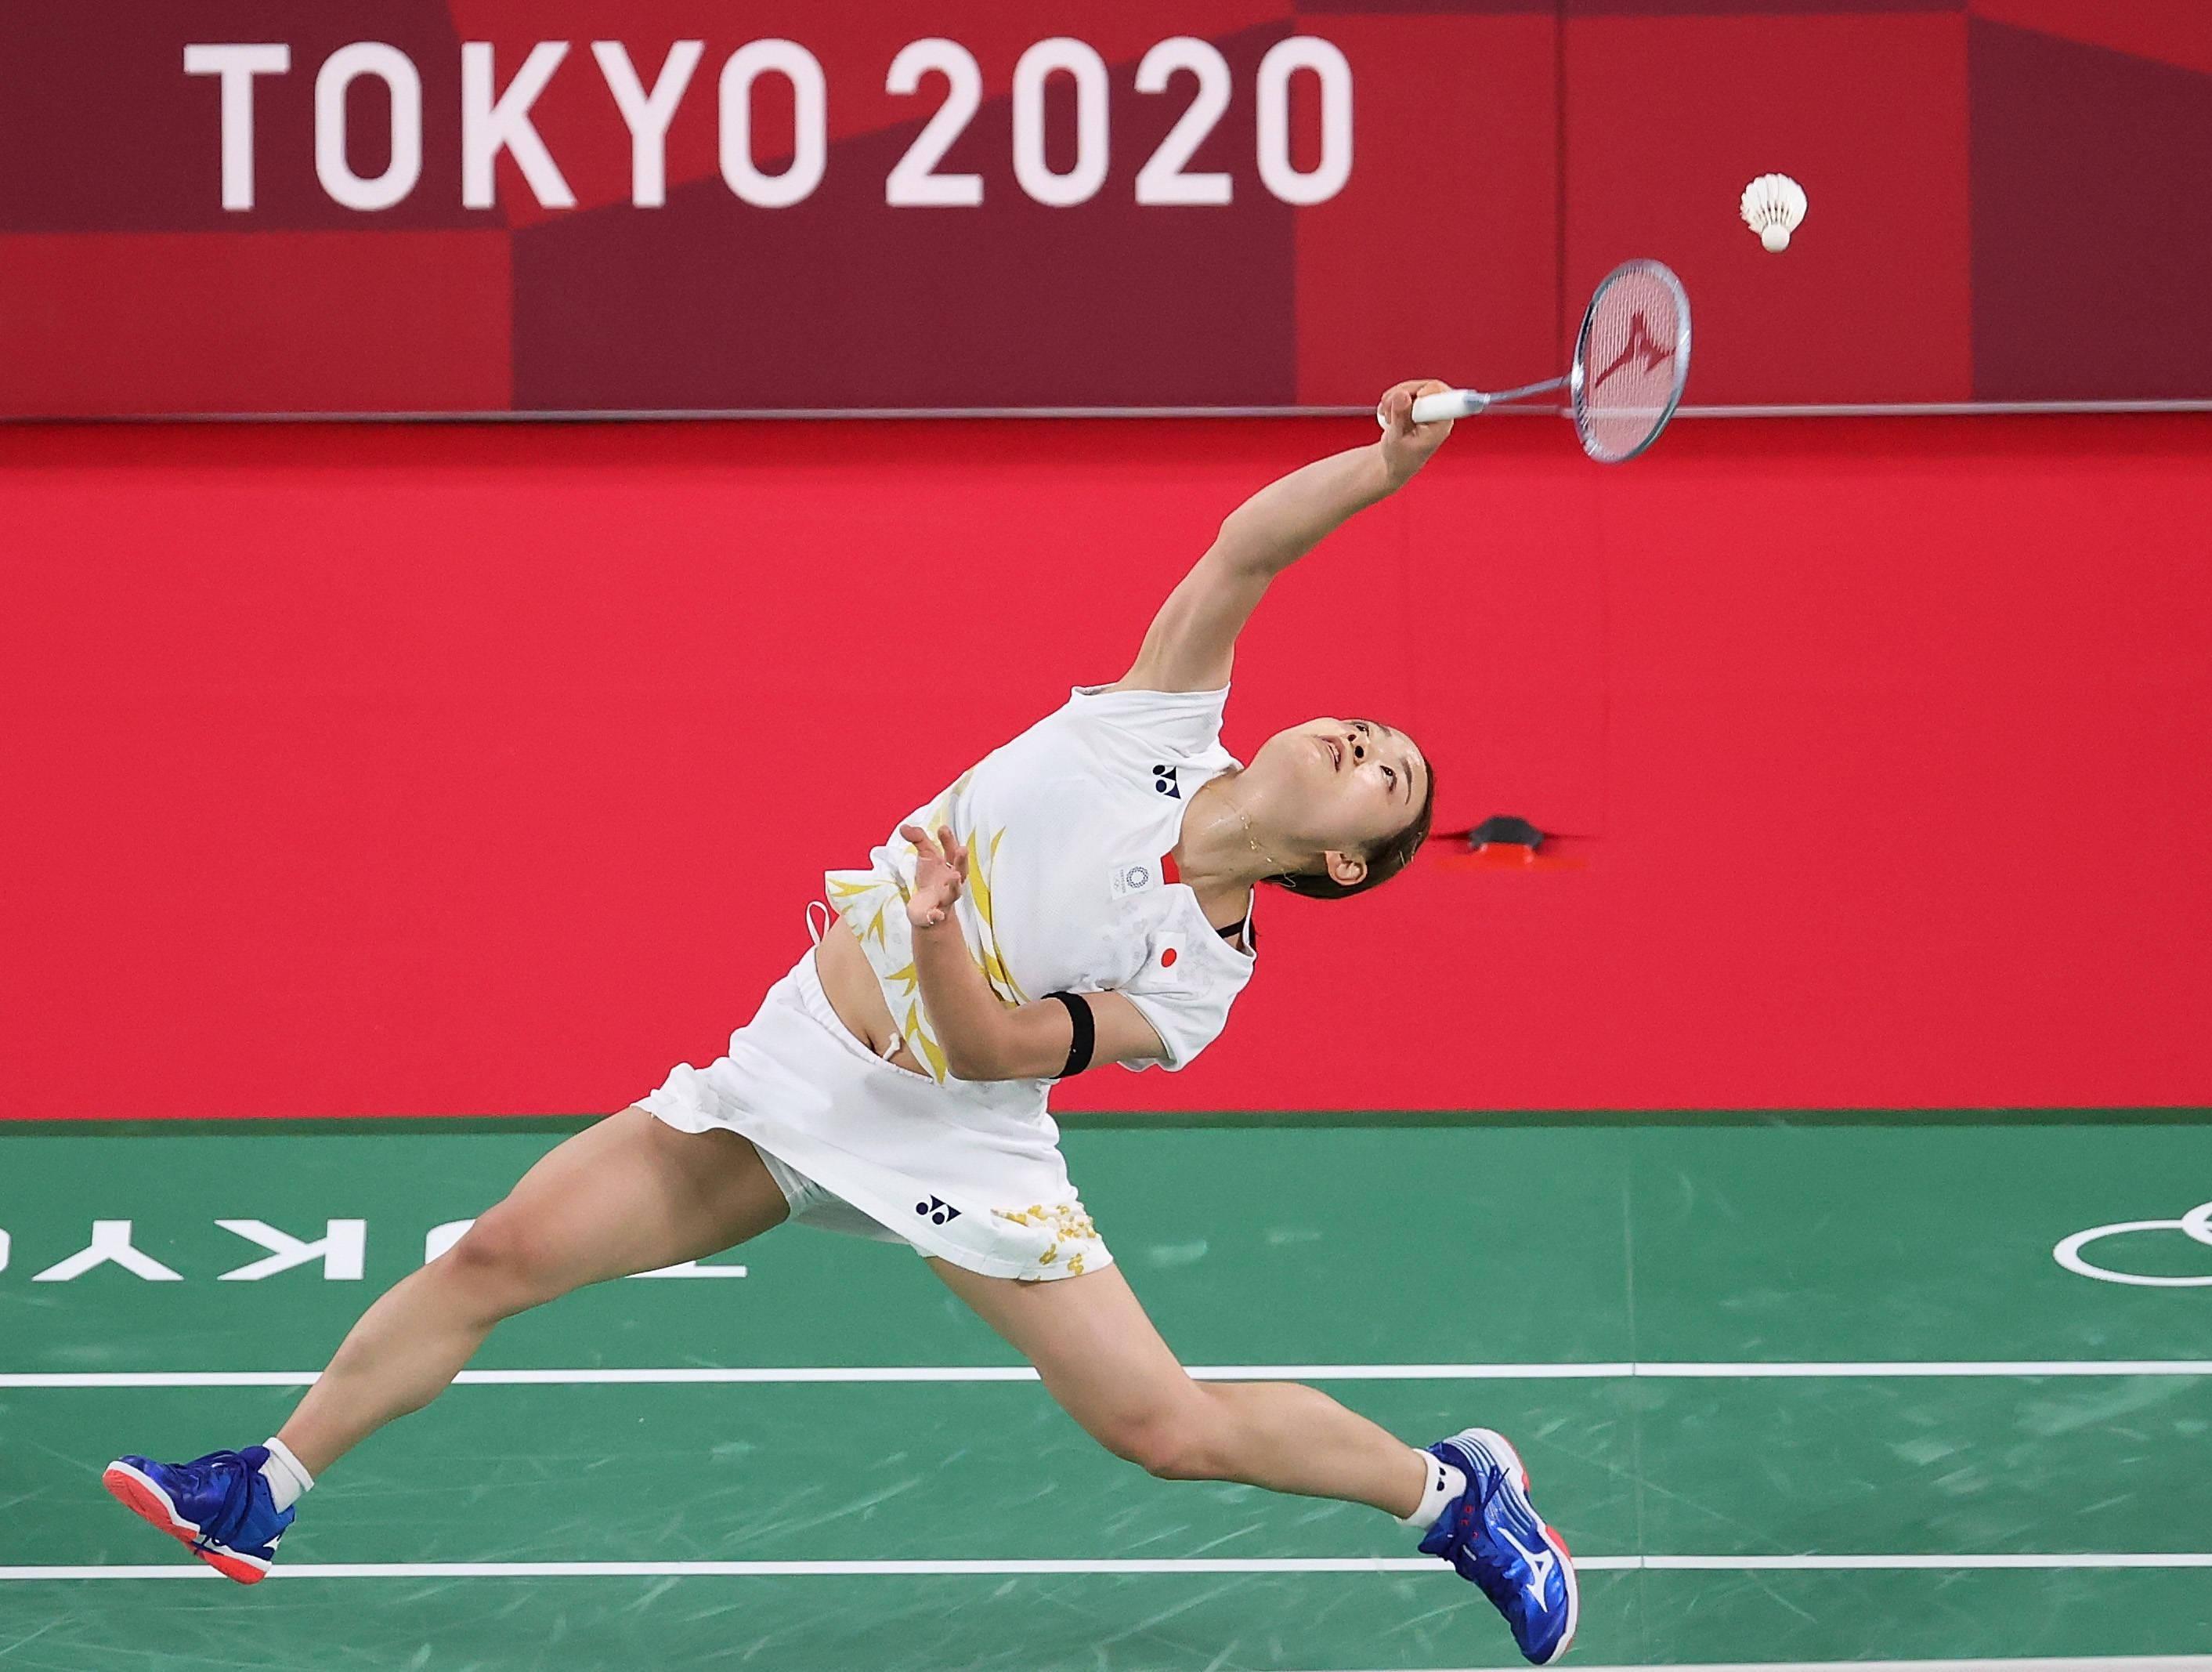 印度名将淘汰山口茜,日本羽球1铜告别奥运会